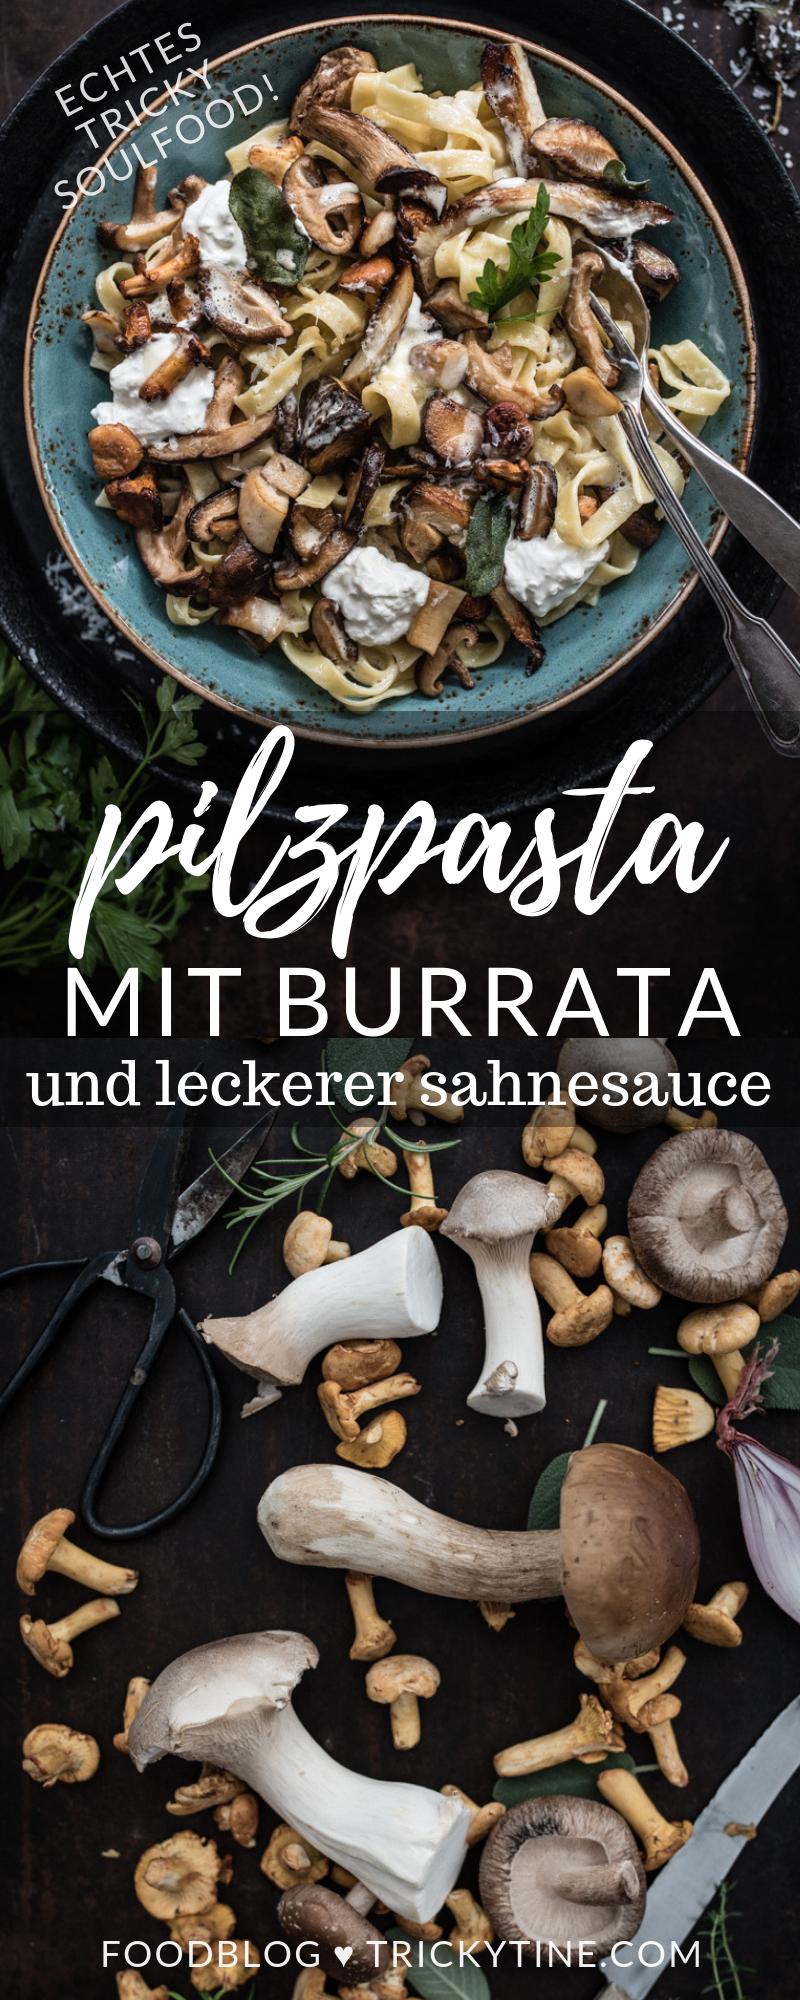 rezept für köstliche pilzpasta mit burrata ♥ herbstliches soulfood by trickytine #fallrecipesdinner